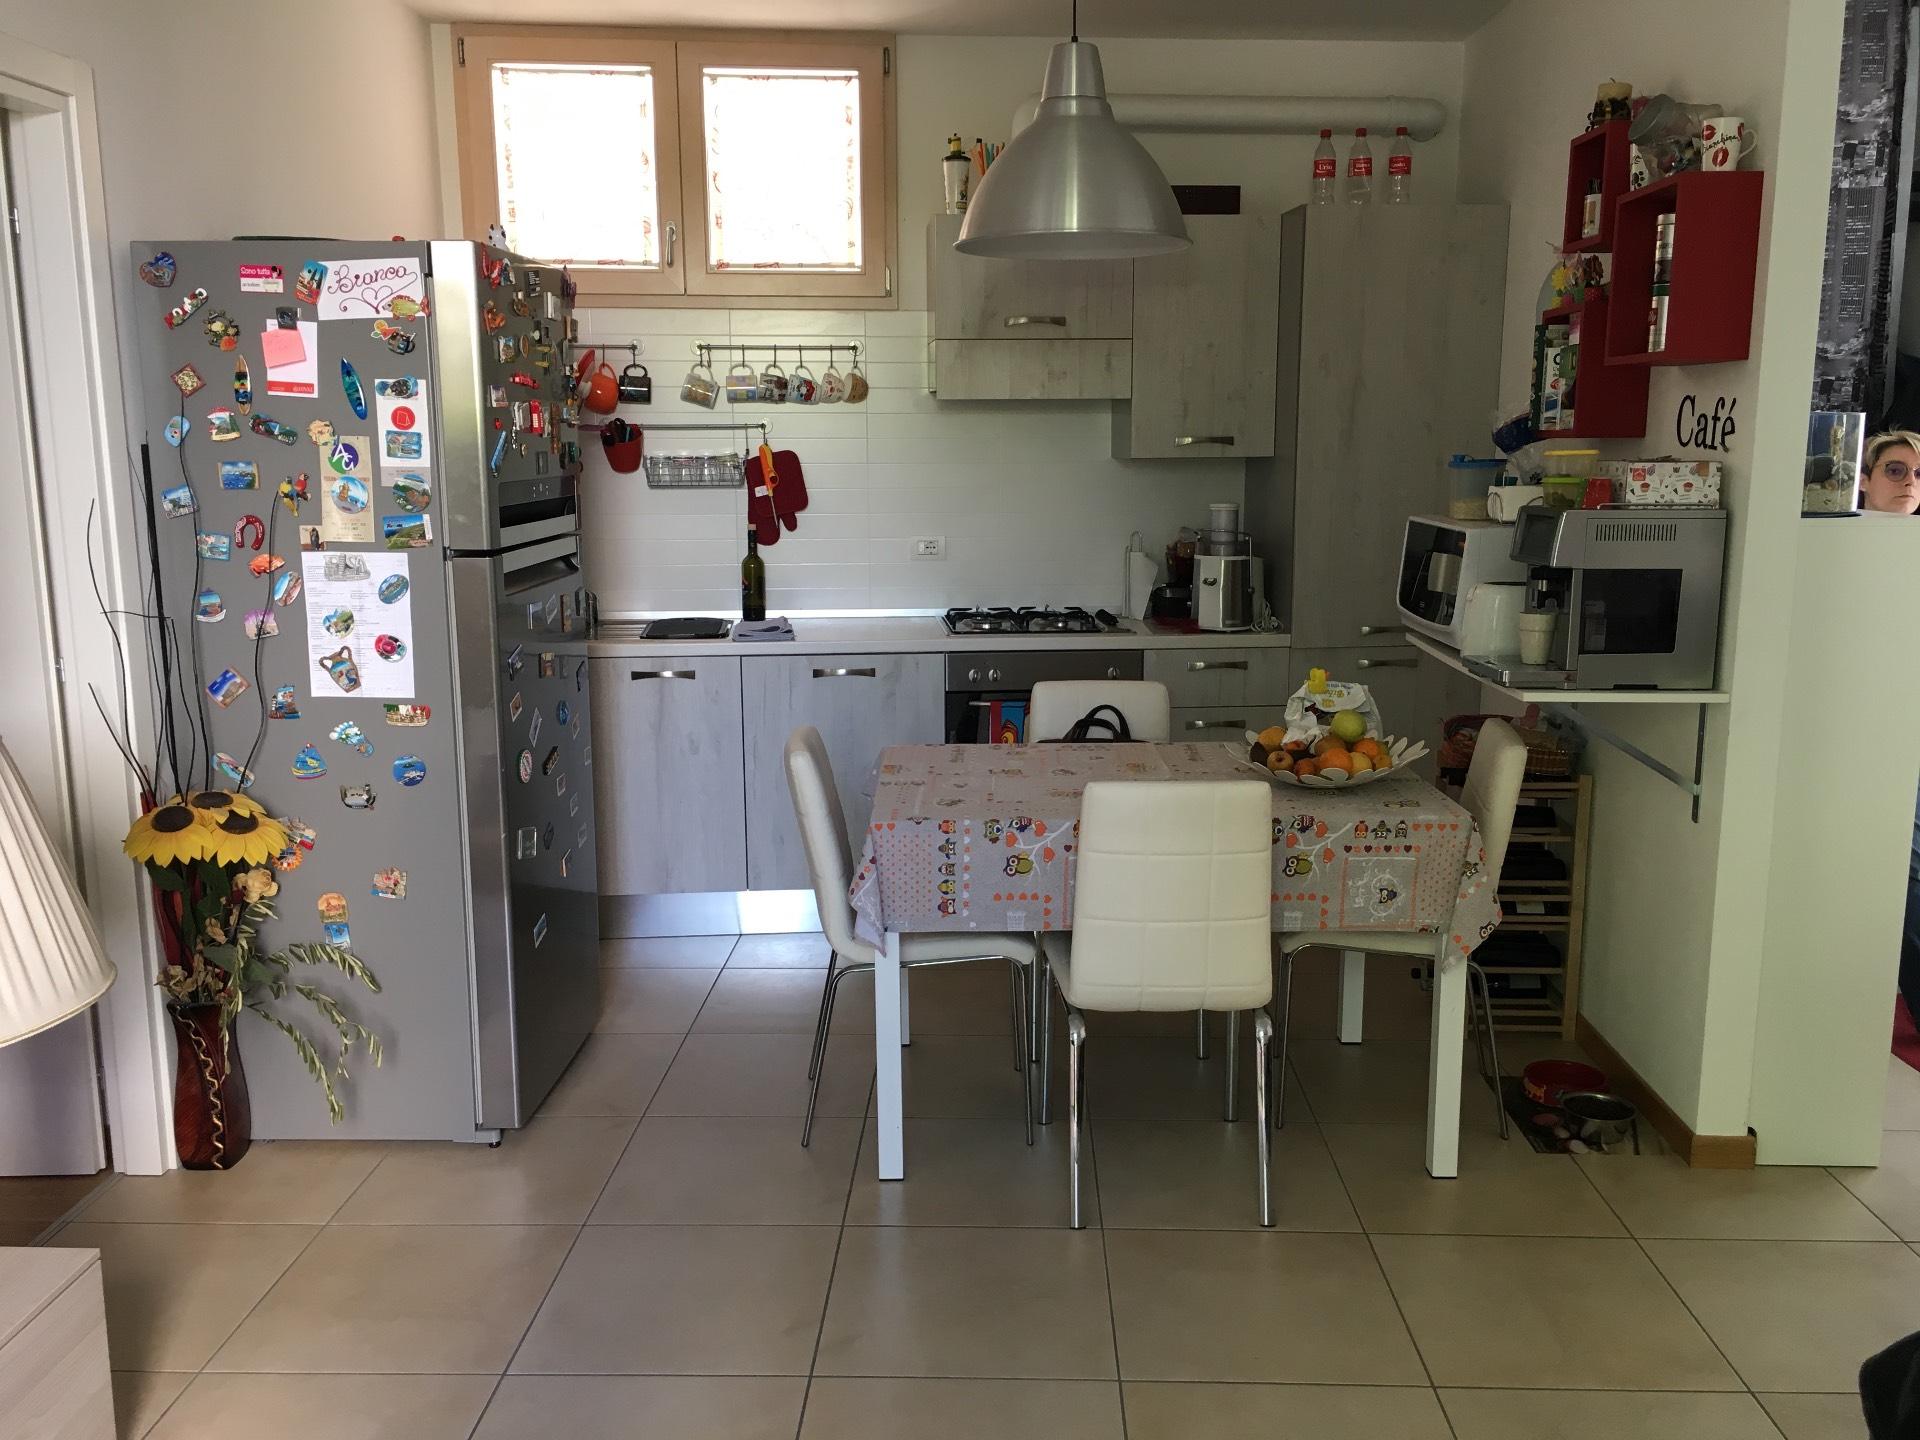 Appartamento in affitto a San Biagio di Callalta, 4 locali, zona Località: Olmi, prezzo € 600 | Cambio Casa.it